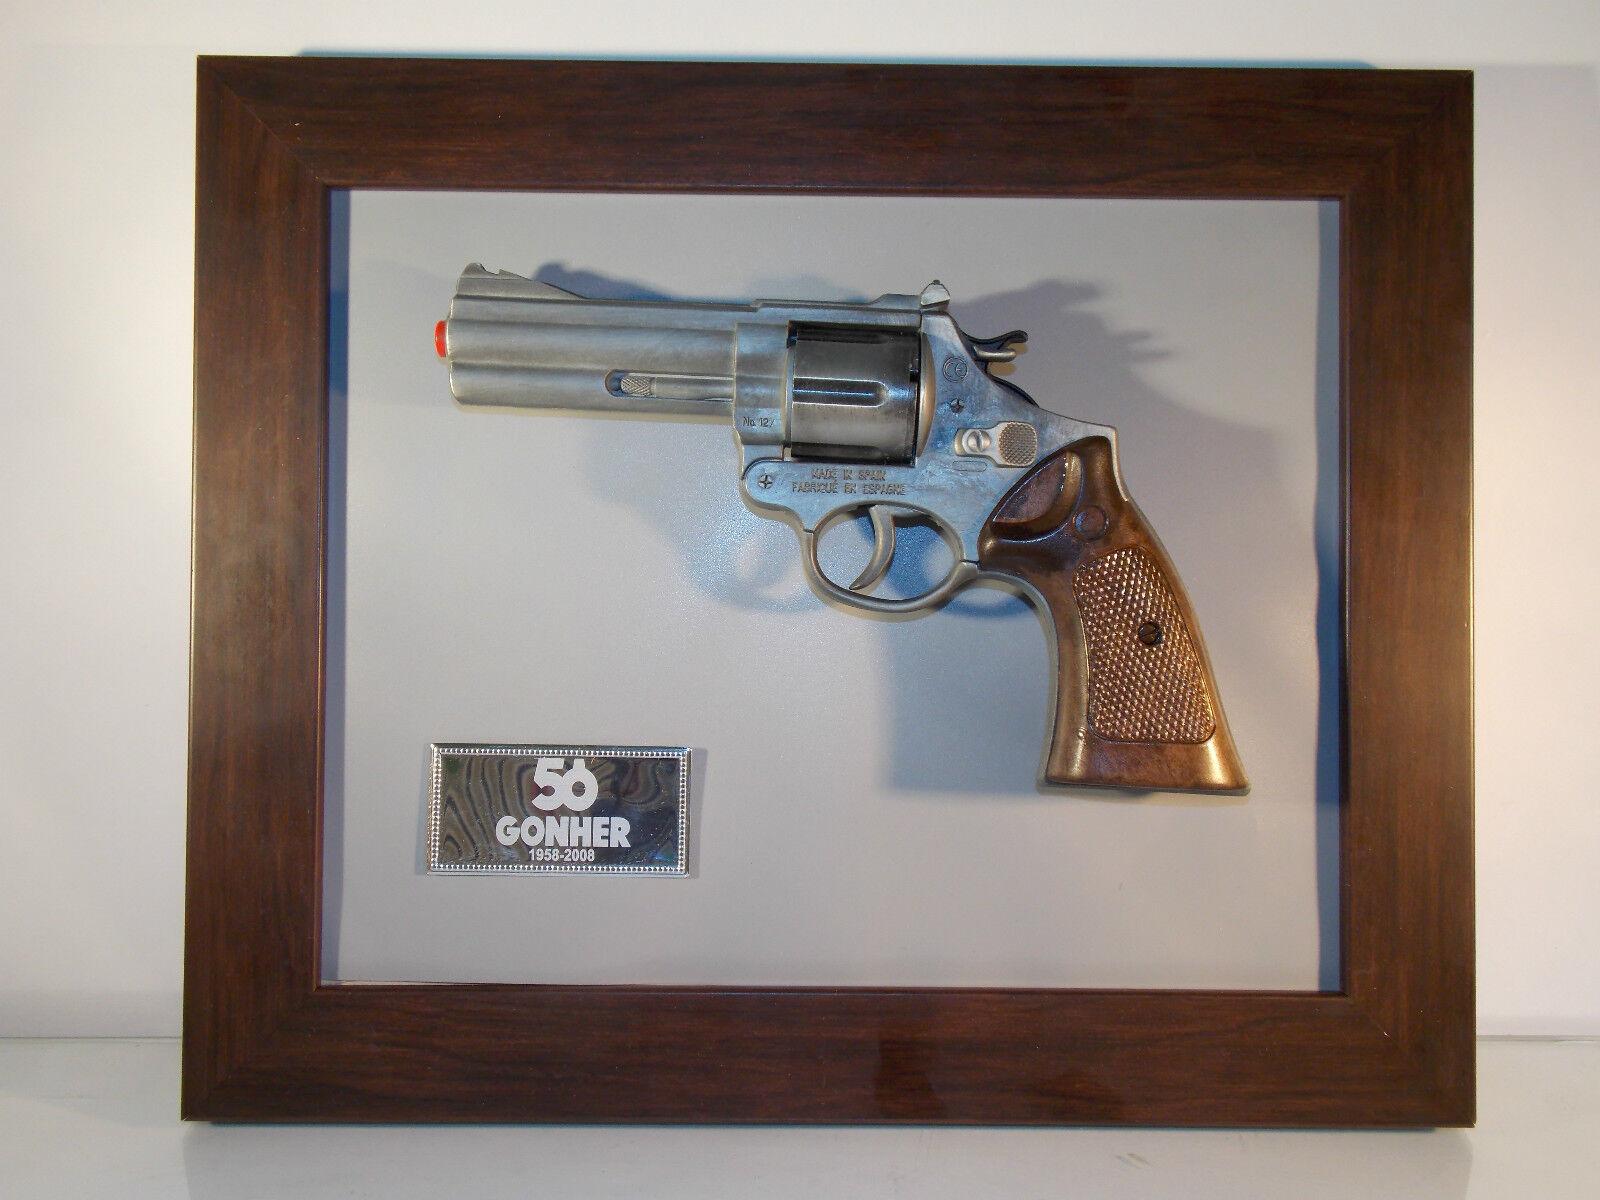 Juguete antiguo  pistola  Magnum gonher 127  ORIGINAL años 70    antique toy